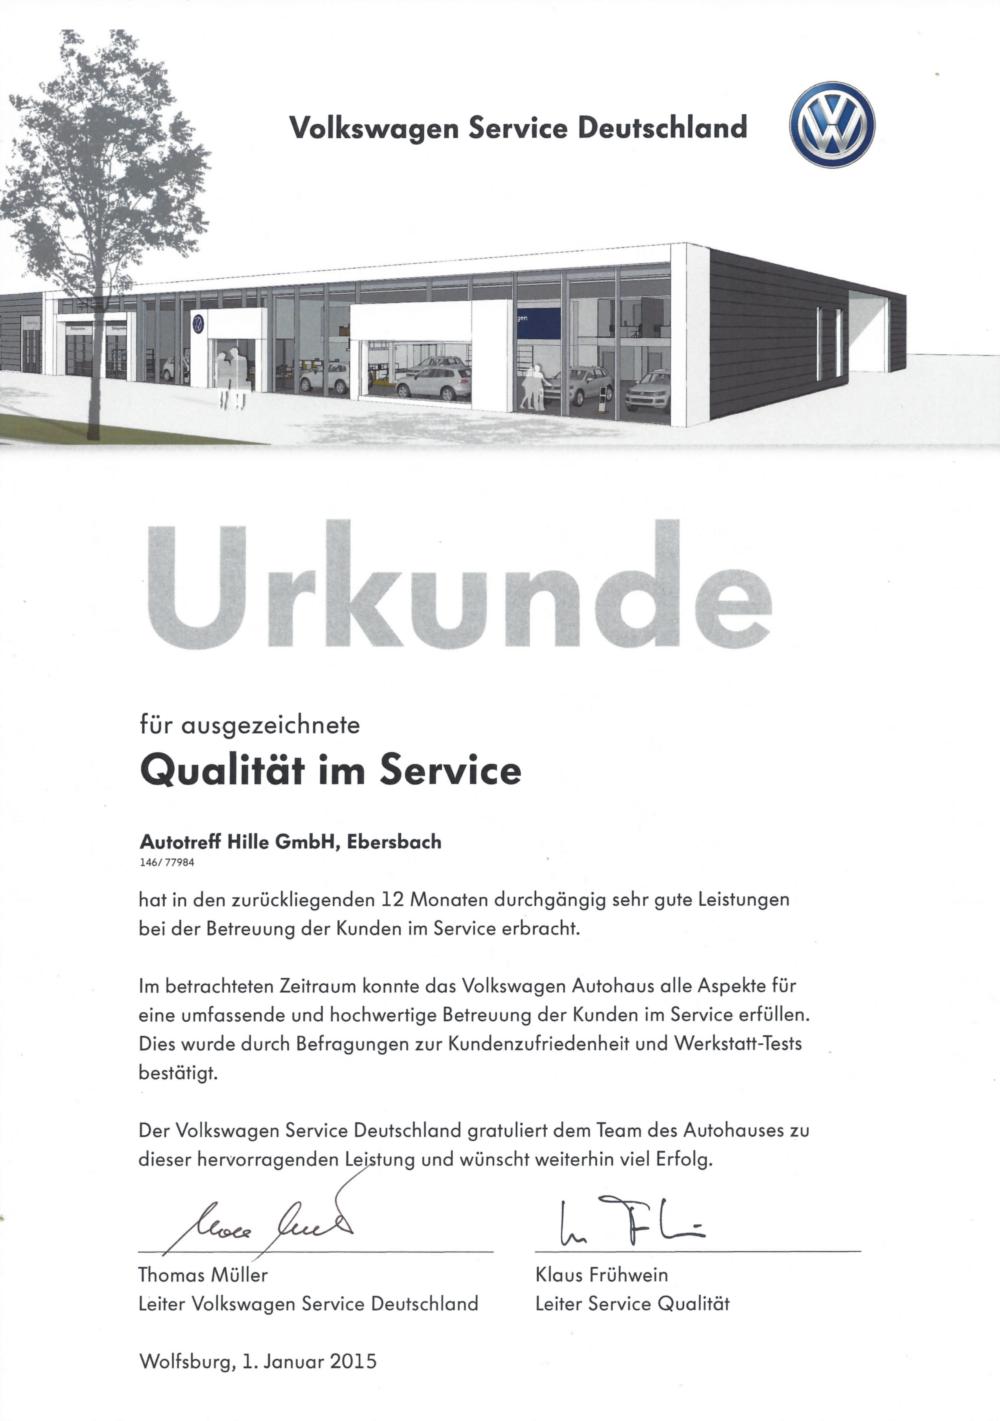 Urkunde für ausgezeichnete Qualität im Service 2015